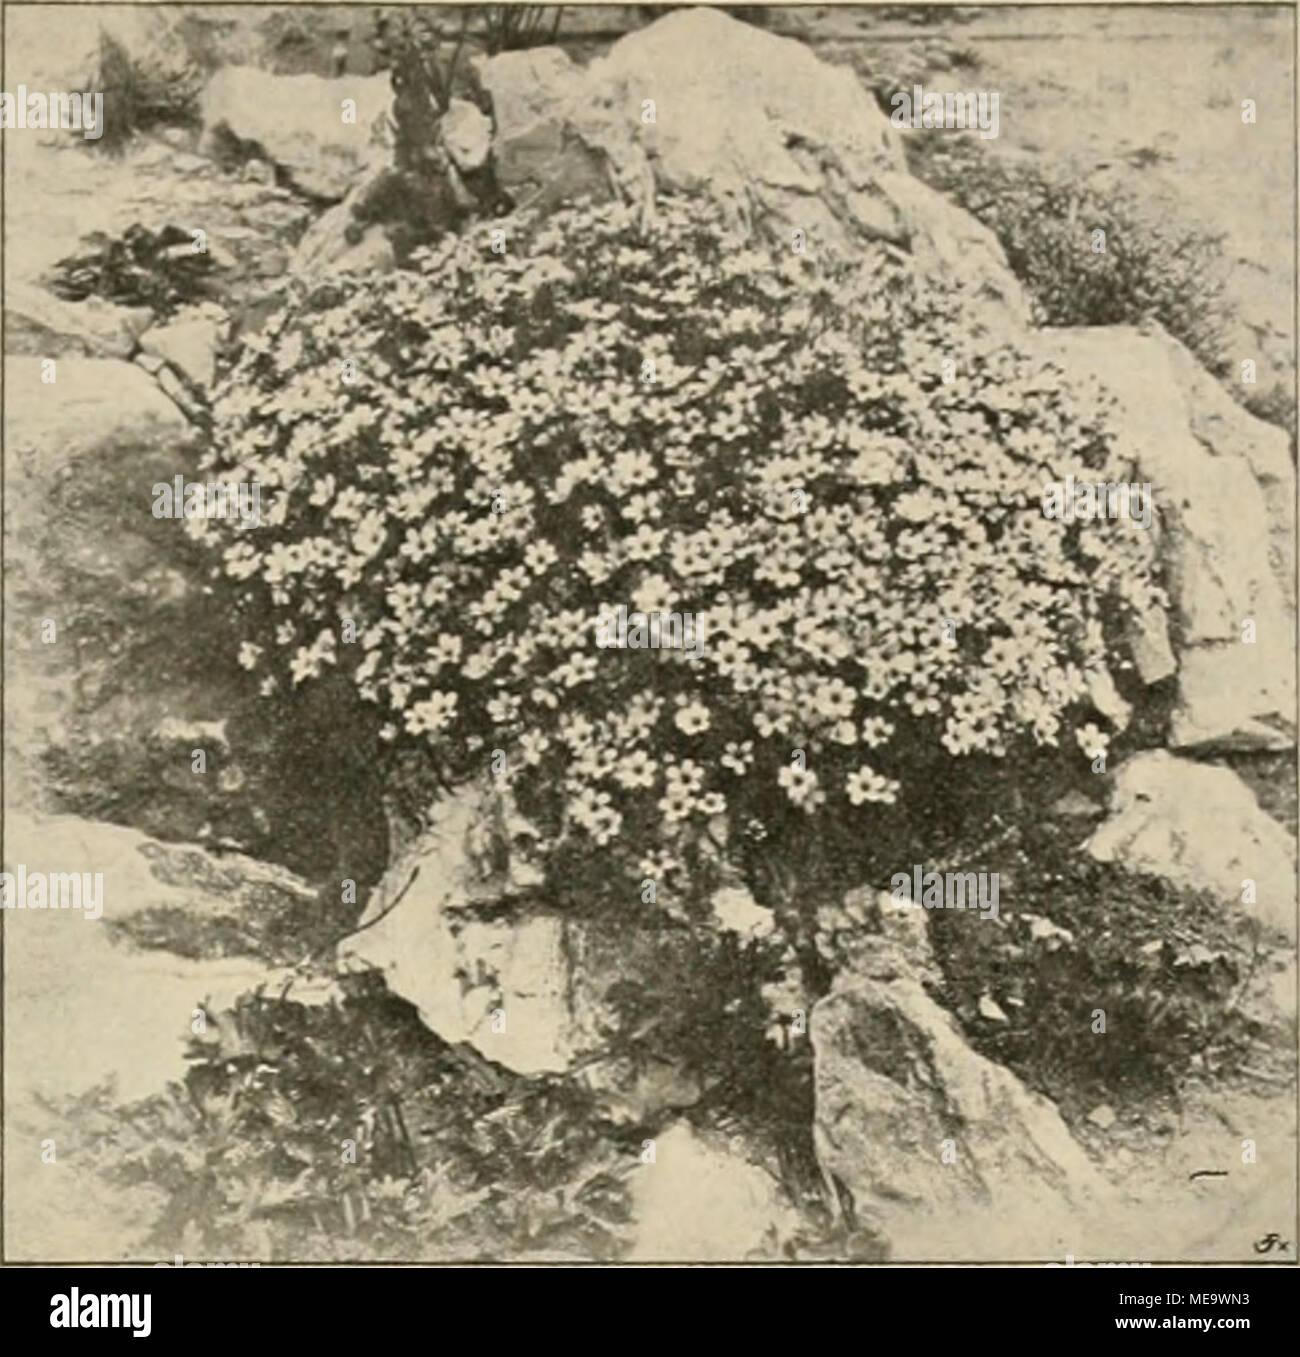 """. Die Gartenwelt . Arenaria laricifolia. In der Handelsgärtuerei von Robert Veitch & Son, Exeter (Englandl, für die """"Gartenwelt""""* photugraphisch aufgenommen. thatsächlich in der Form an einen Elefantenrüssel erinnernde Frucht jedem Blumenfreunde etwas Be- sonderes, Originelles sein, und wo man heute sich etwas Altes, Ver- gessenes gern als etwas """"Neues"""" auftischen läfst und wo in Privat- und Herrschaftsgärten Liebhaber- sinn noch wohnt, da pflanze der Gärtner auf der Sommerblumen- rabatte auch Marlynia formoia, und sie wird ihm, wenn er nicht Schab- lonenmensch ist, selbst Freude Stock Photo"""